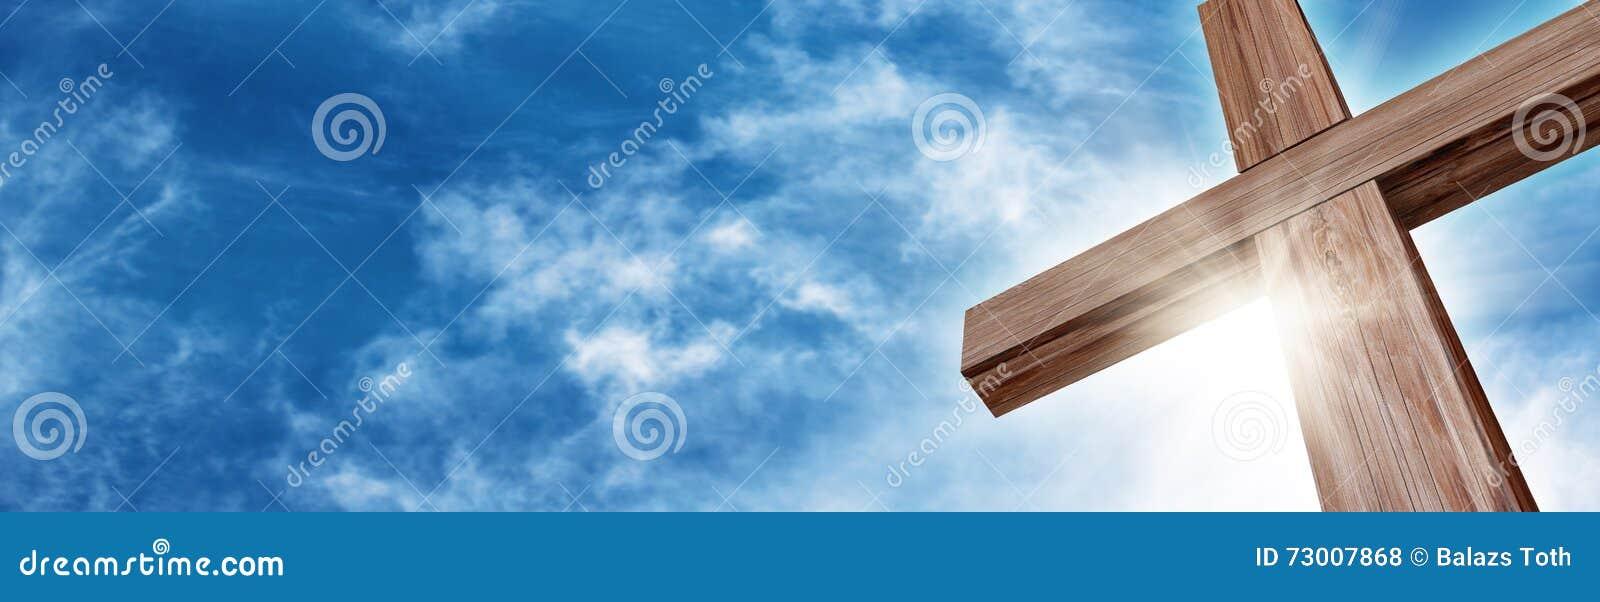 光彩的木十字架